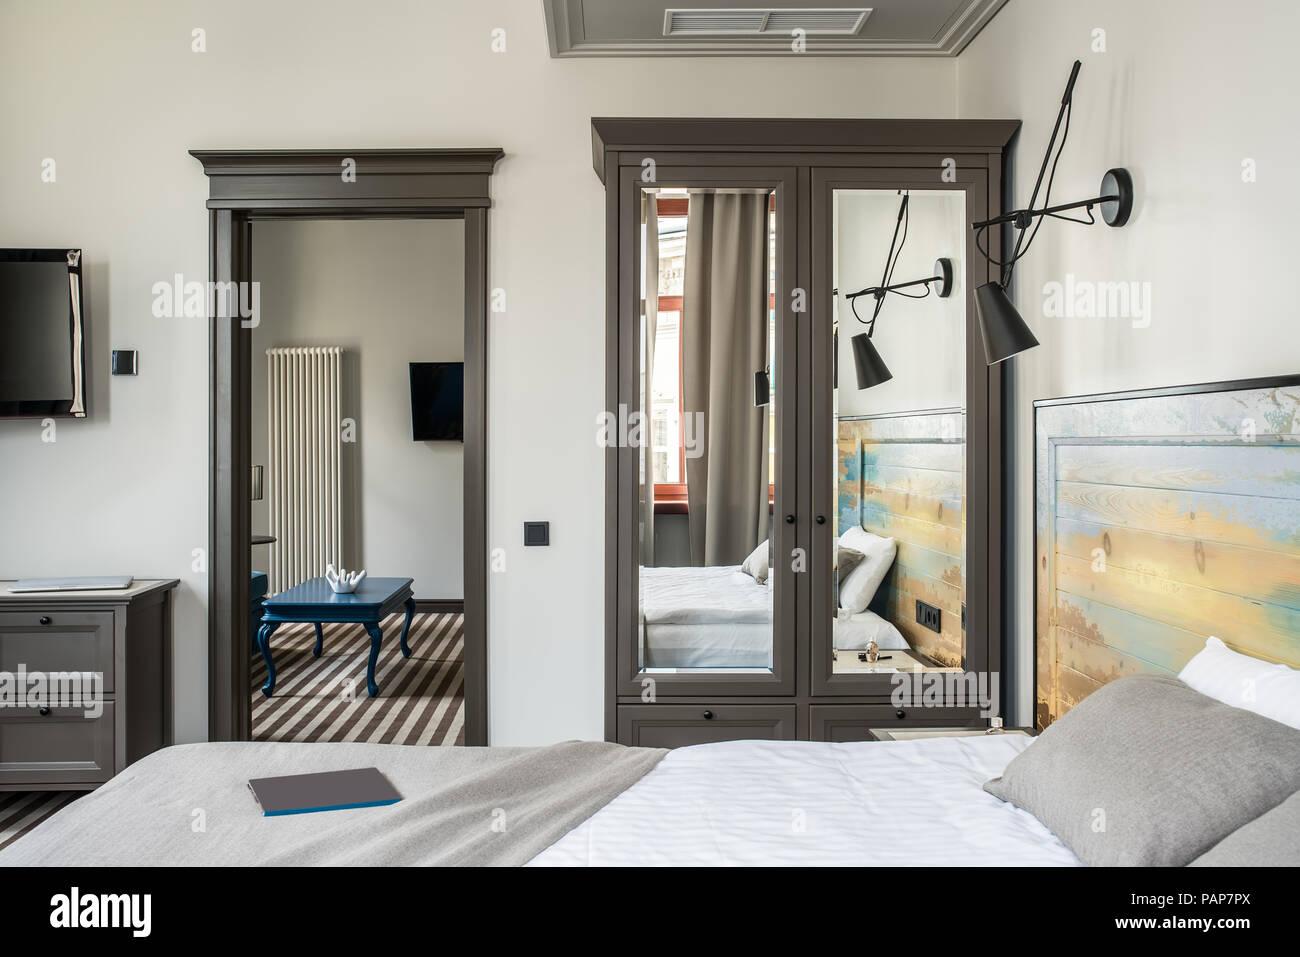 Pareti Soggiorno Grigio Scuro : Colori pareti soggiorno con pavimento scuro parquet laminato vs